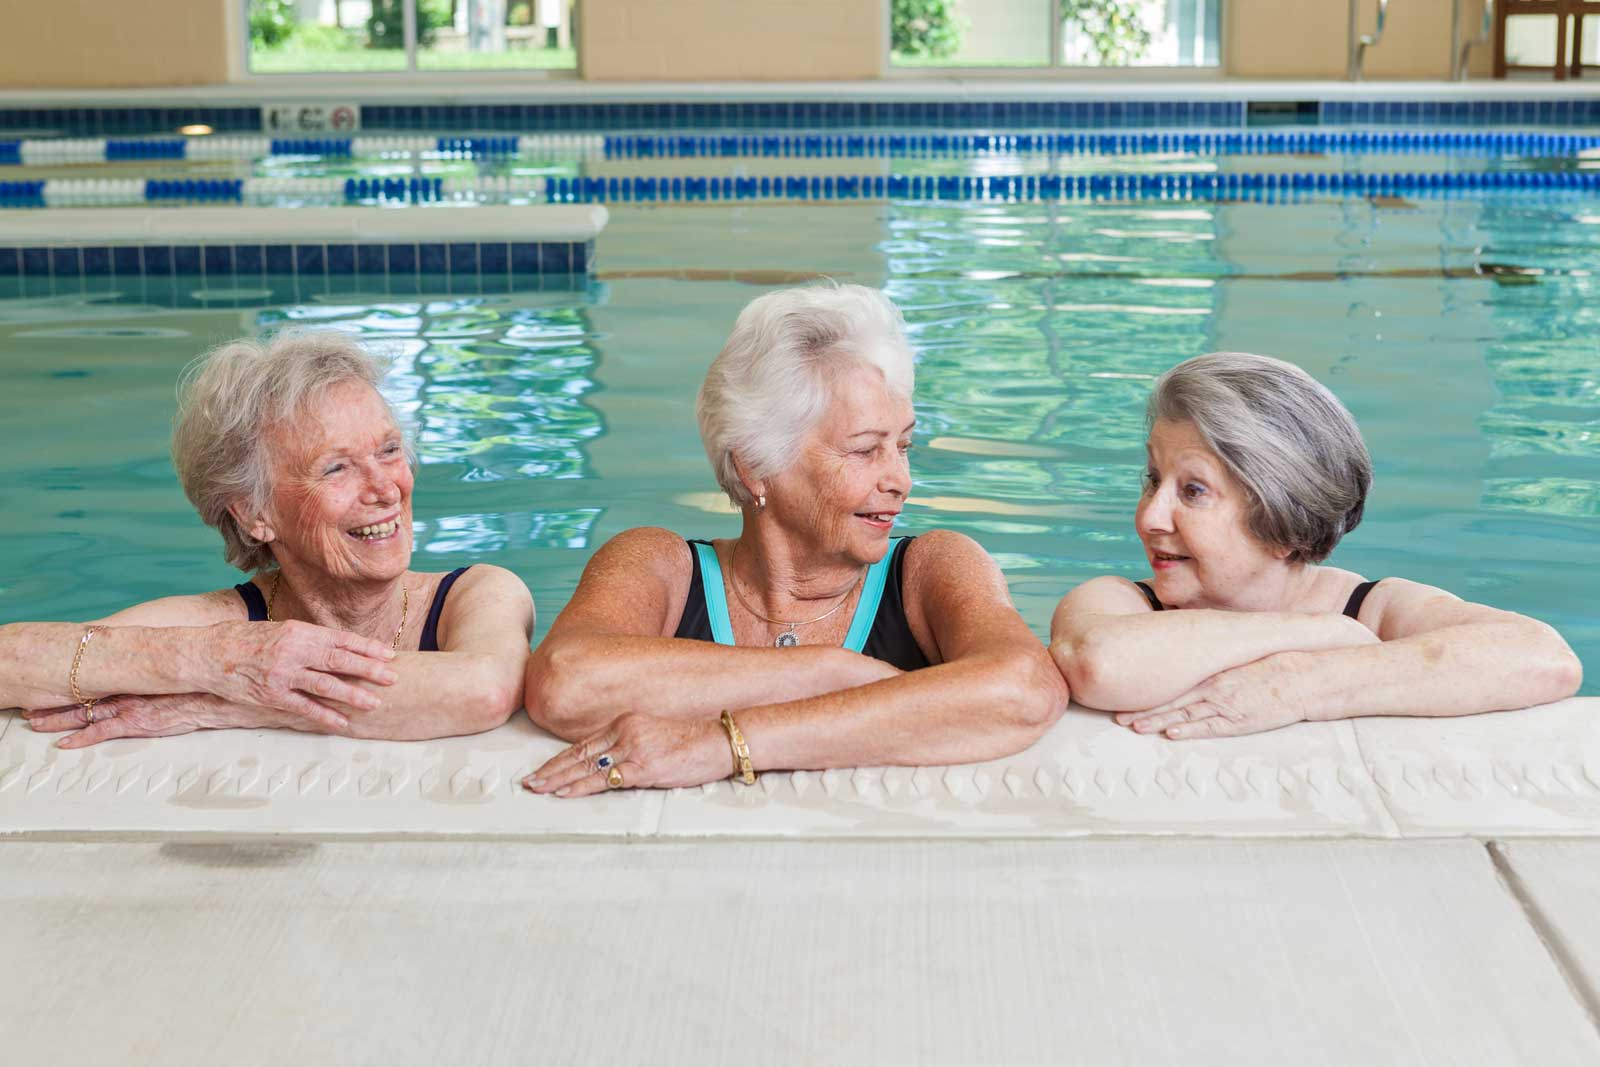 ladies-enjoy-swimming